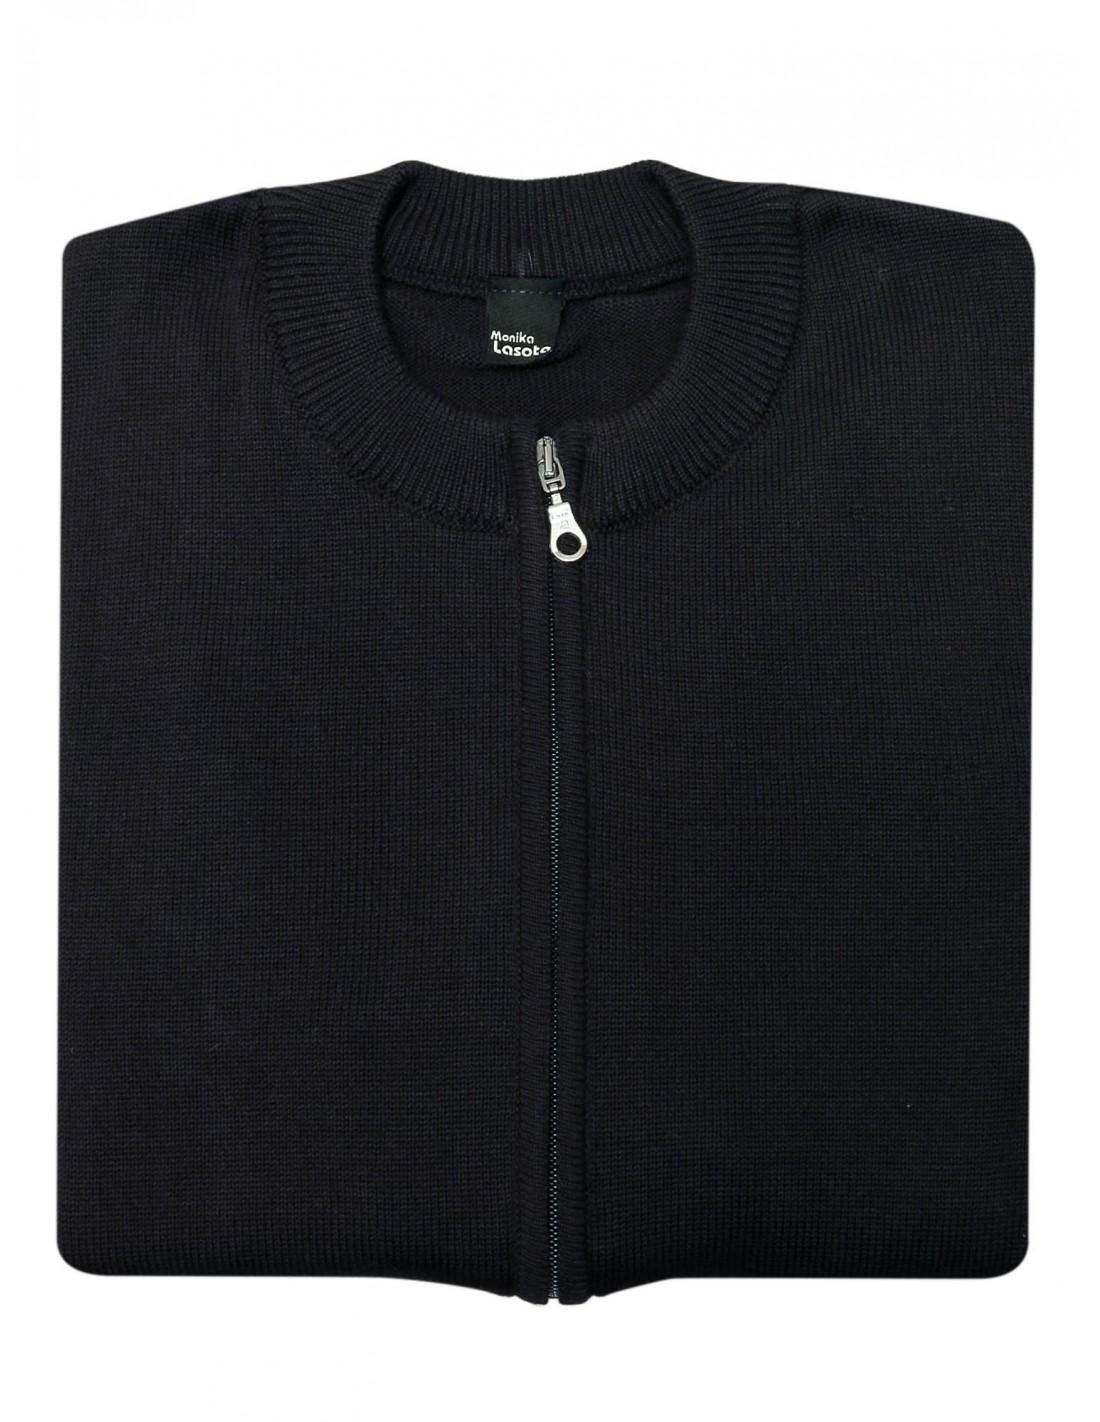 Czarny sweter rozpinany na zamek SW51 Rozmiar swetra Wybierz rozmiar